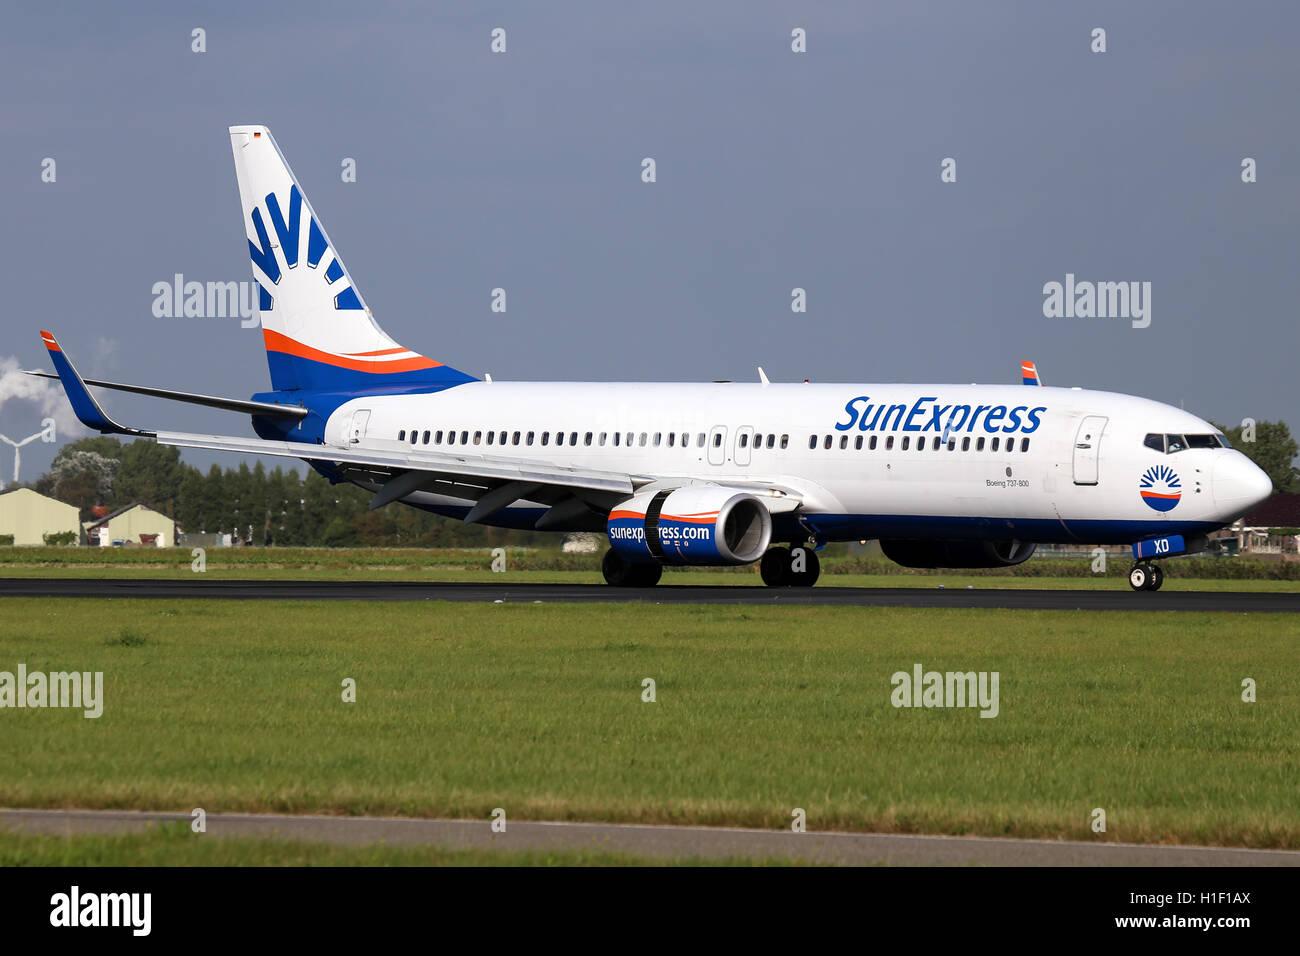 SunExpress Deutschland Boeing 737-800 touches down on runway 18R at Amsterdam Schipol airport. - Stock Image